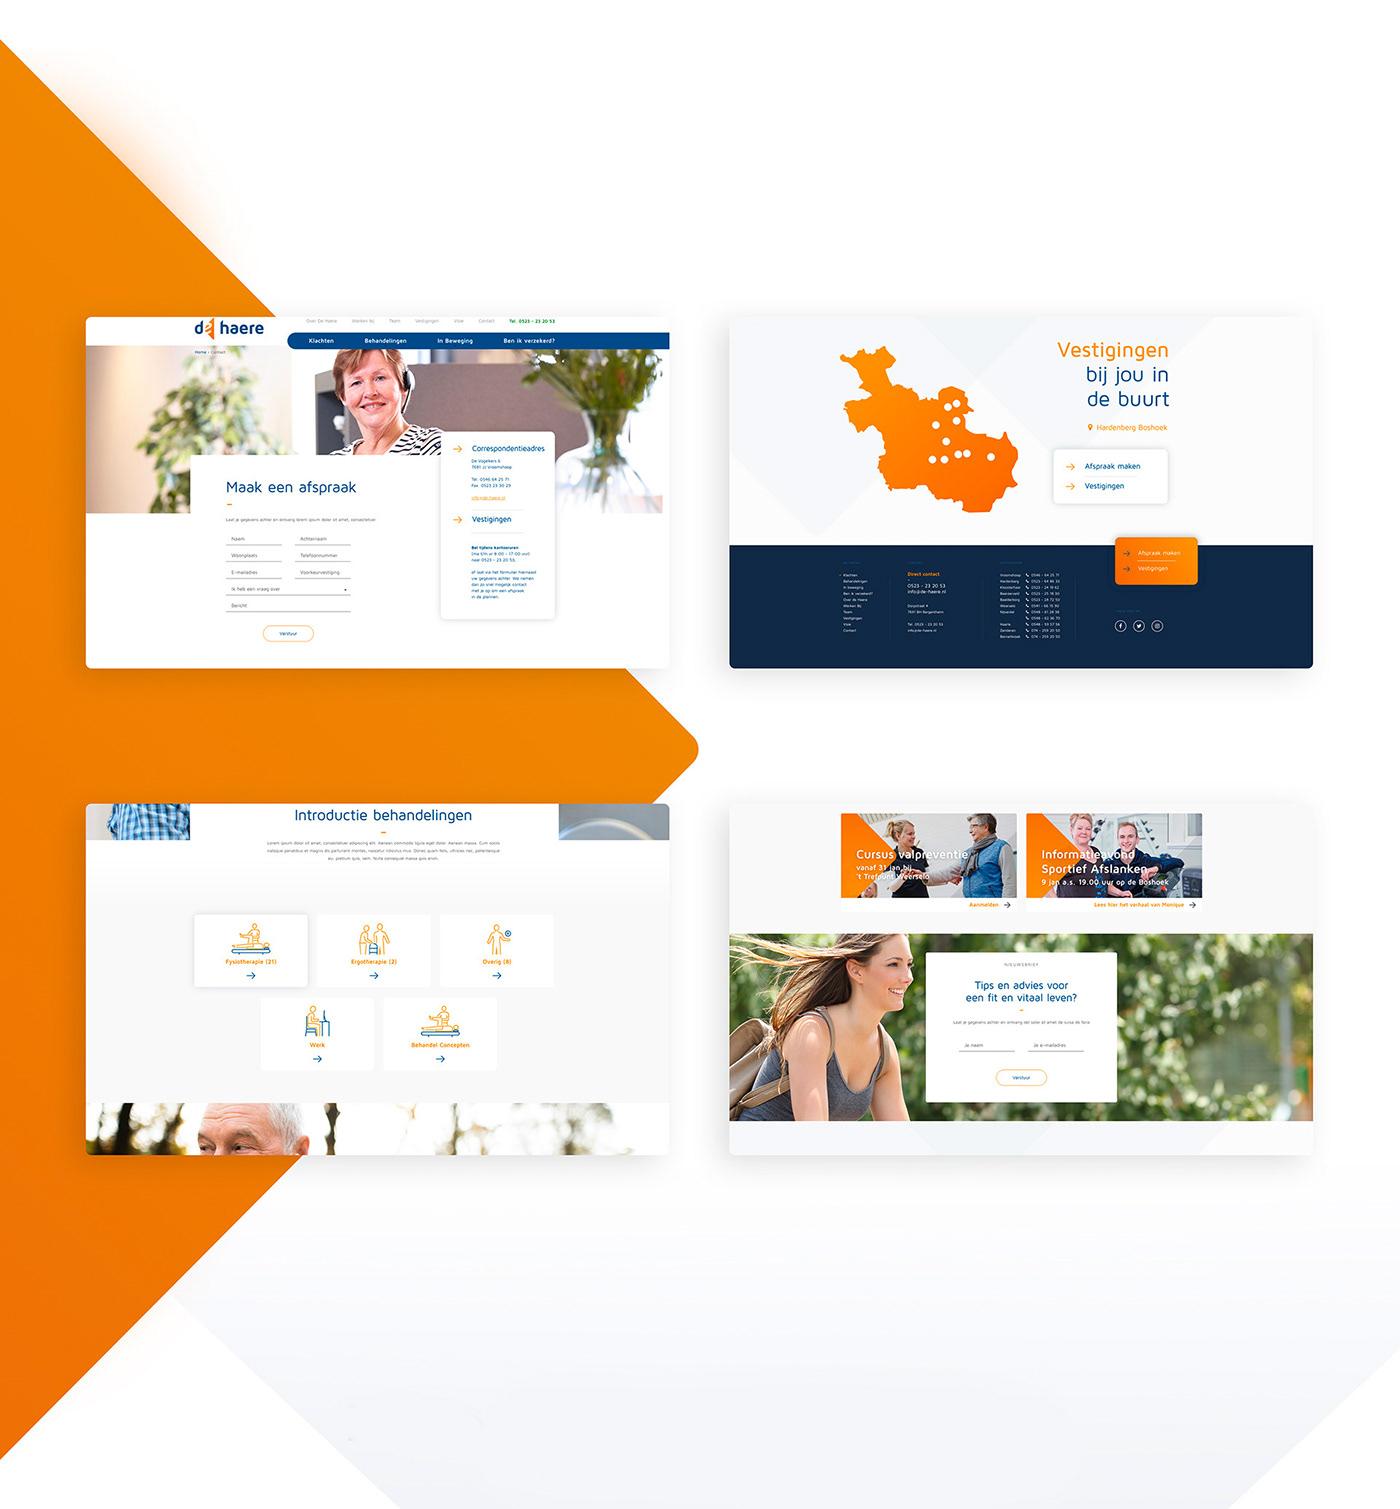 branding  logodesign logo identity ILLUSTRATION  Photography  Webdesign uidesign uxdesign Interface